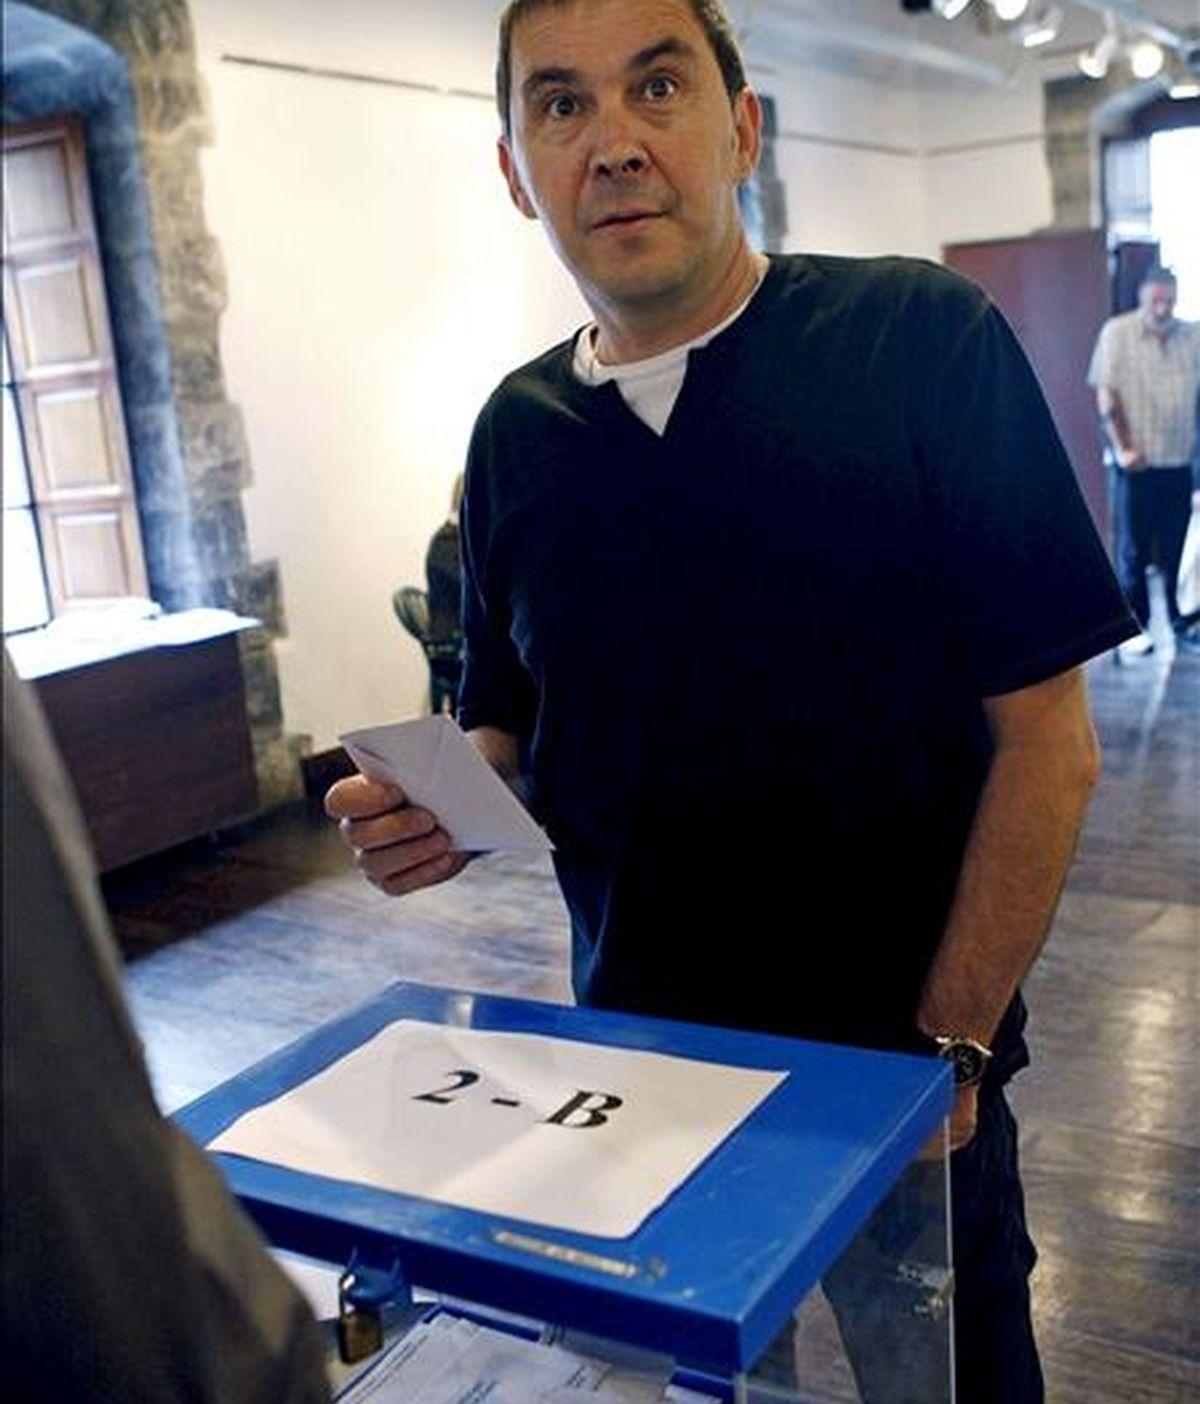 El ex portavoz de la ilegalizada Batasuna Arnaldo Otegi ejerce su derecho al voto en las elecciones al Parlamento Europeo, hoy en un colegio de la localidad guipuzcoana de Elgoibar. EFE